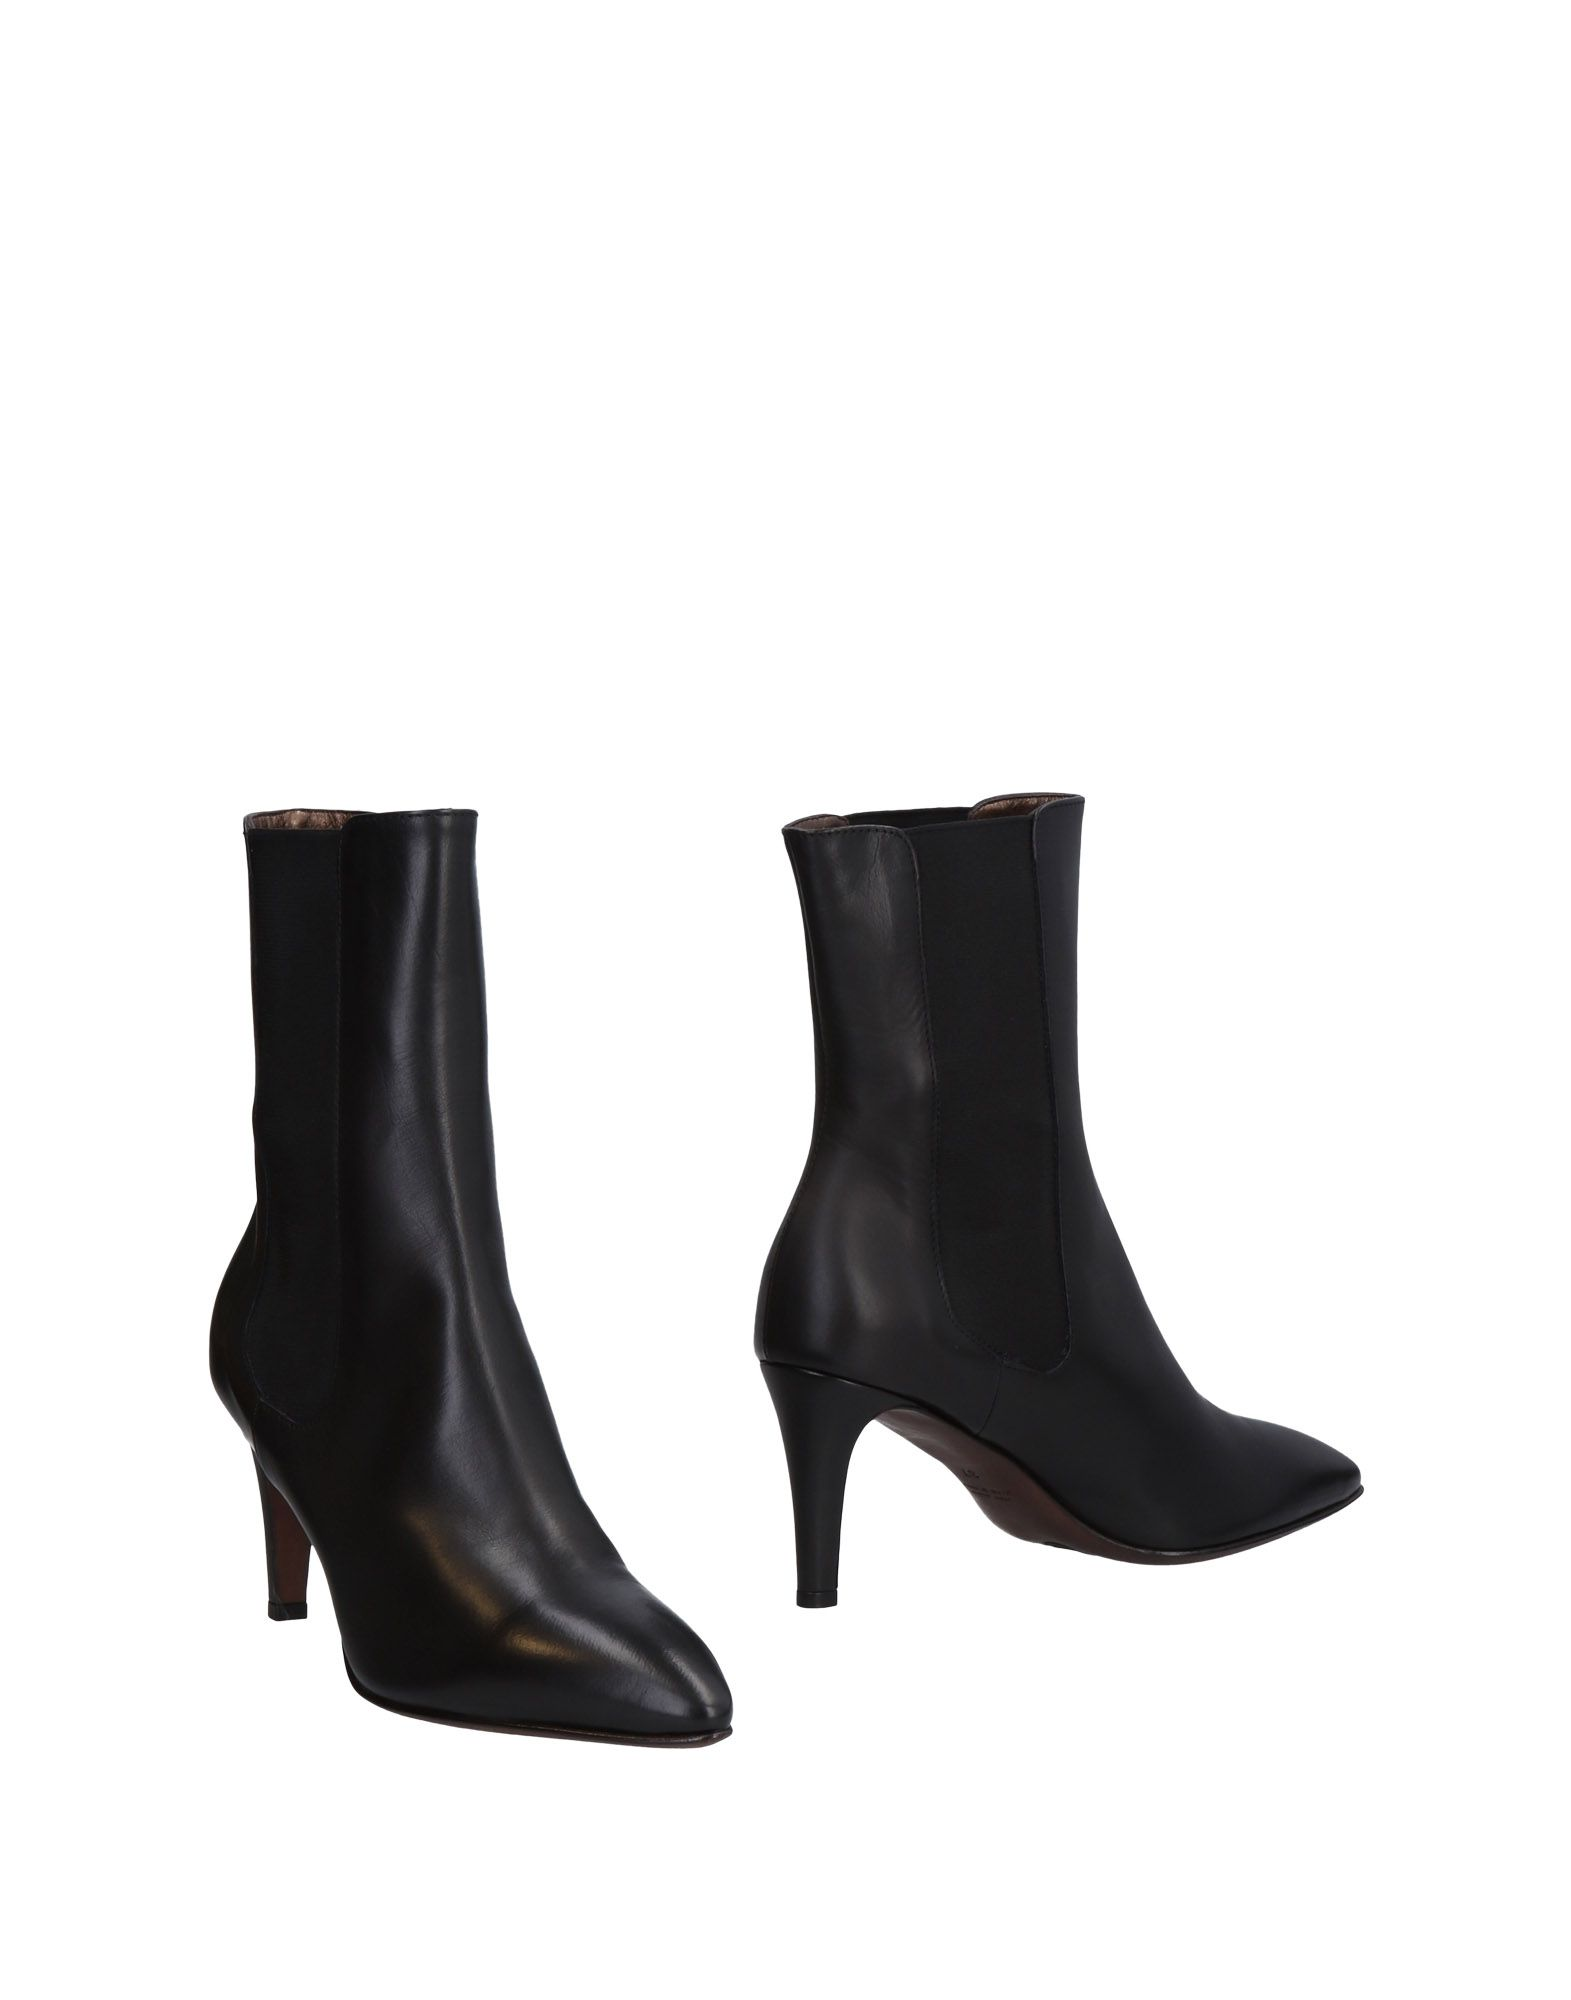 Bottine Agl Attilio Giusti Leombruni Femme Giusti - Bottines Agl Attilio Giusti Femme Leombruni Noir Dernières chaussures discount pour hommes et femmes 10b868